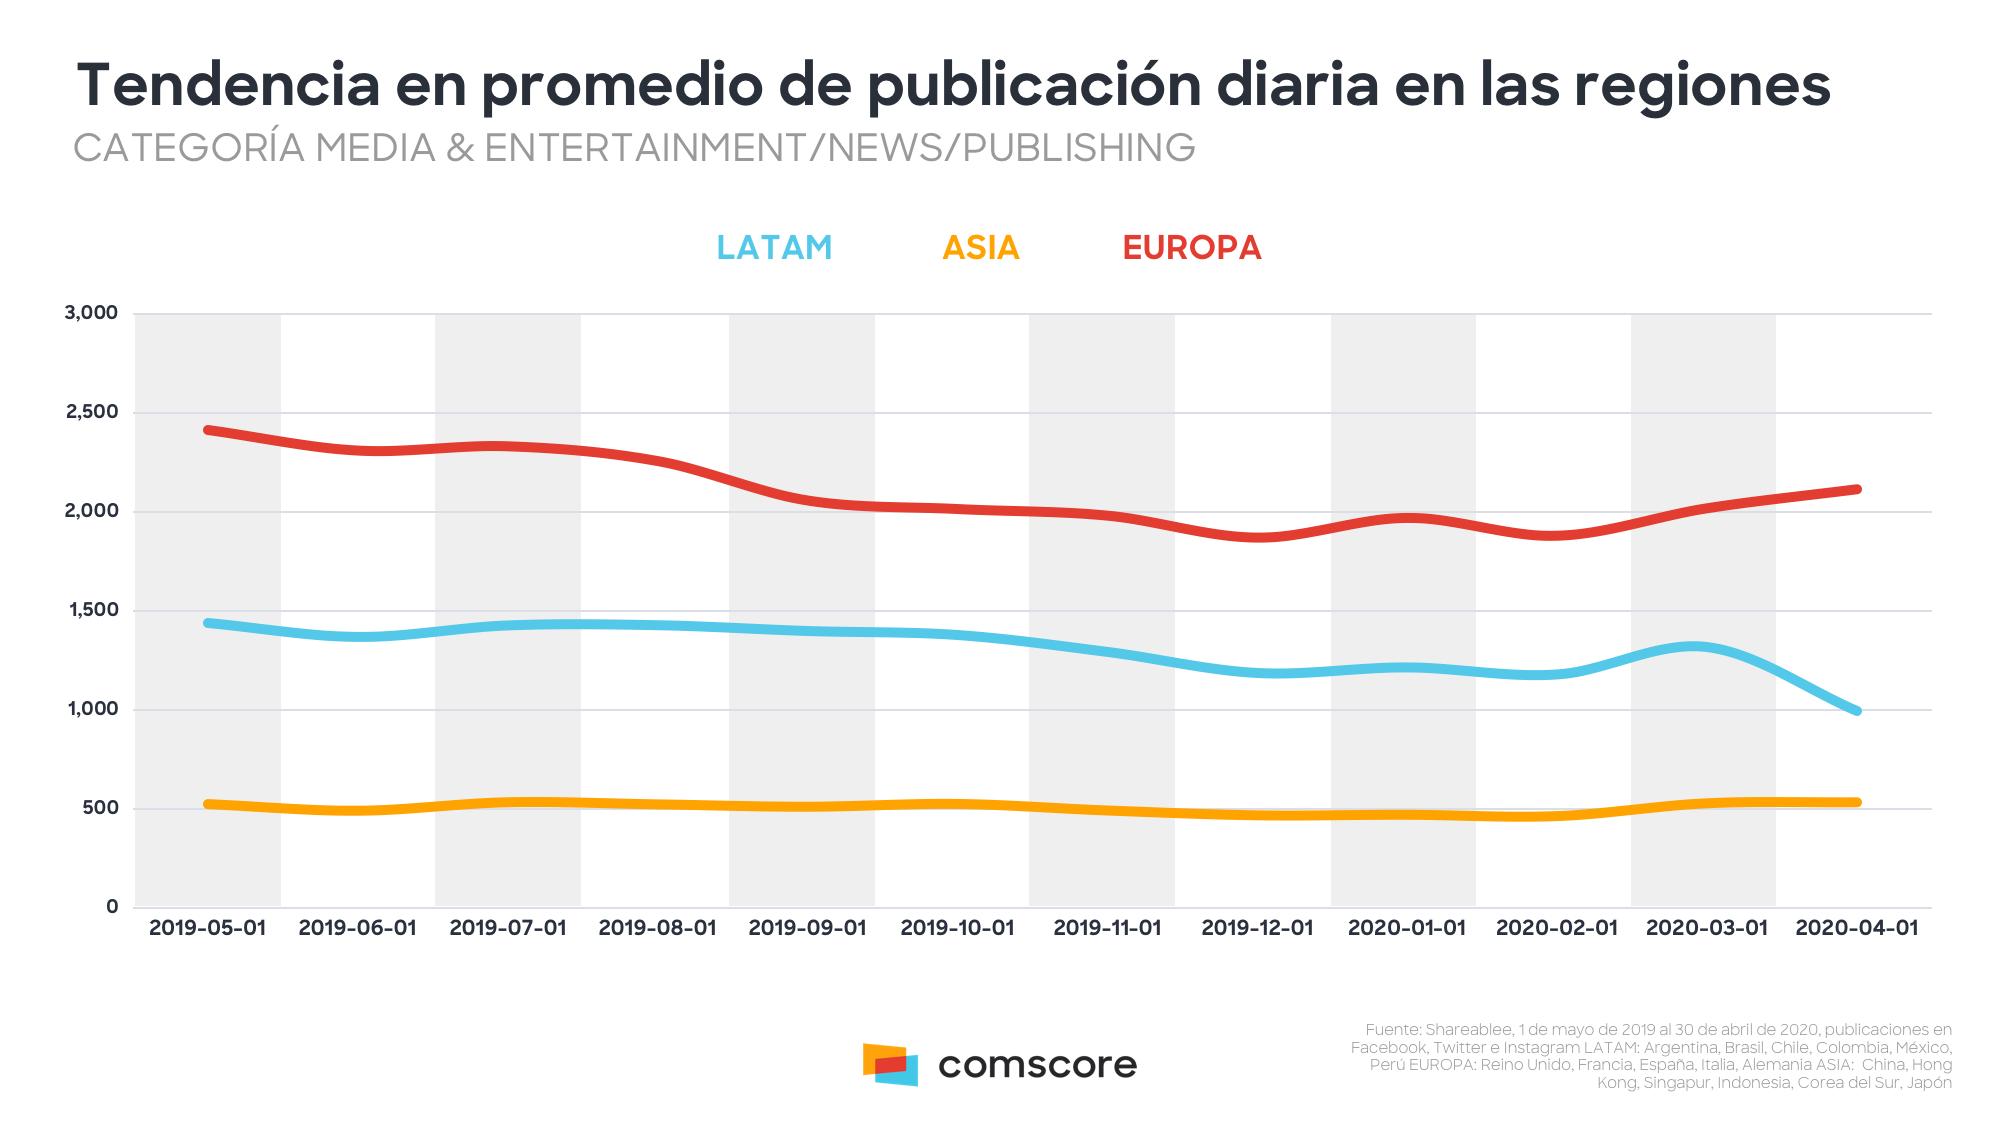 La tendencia en promedio de publicación diaria en América Latina, Asia y Europa.